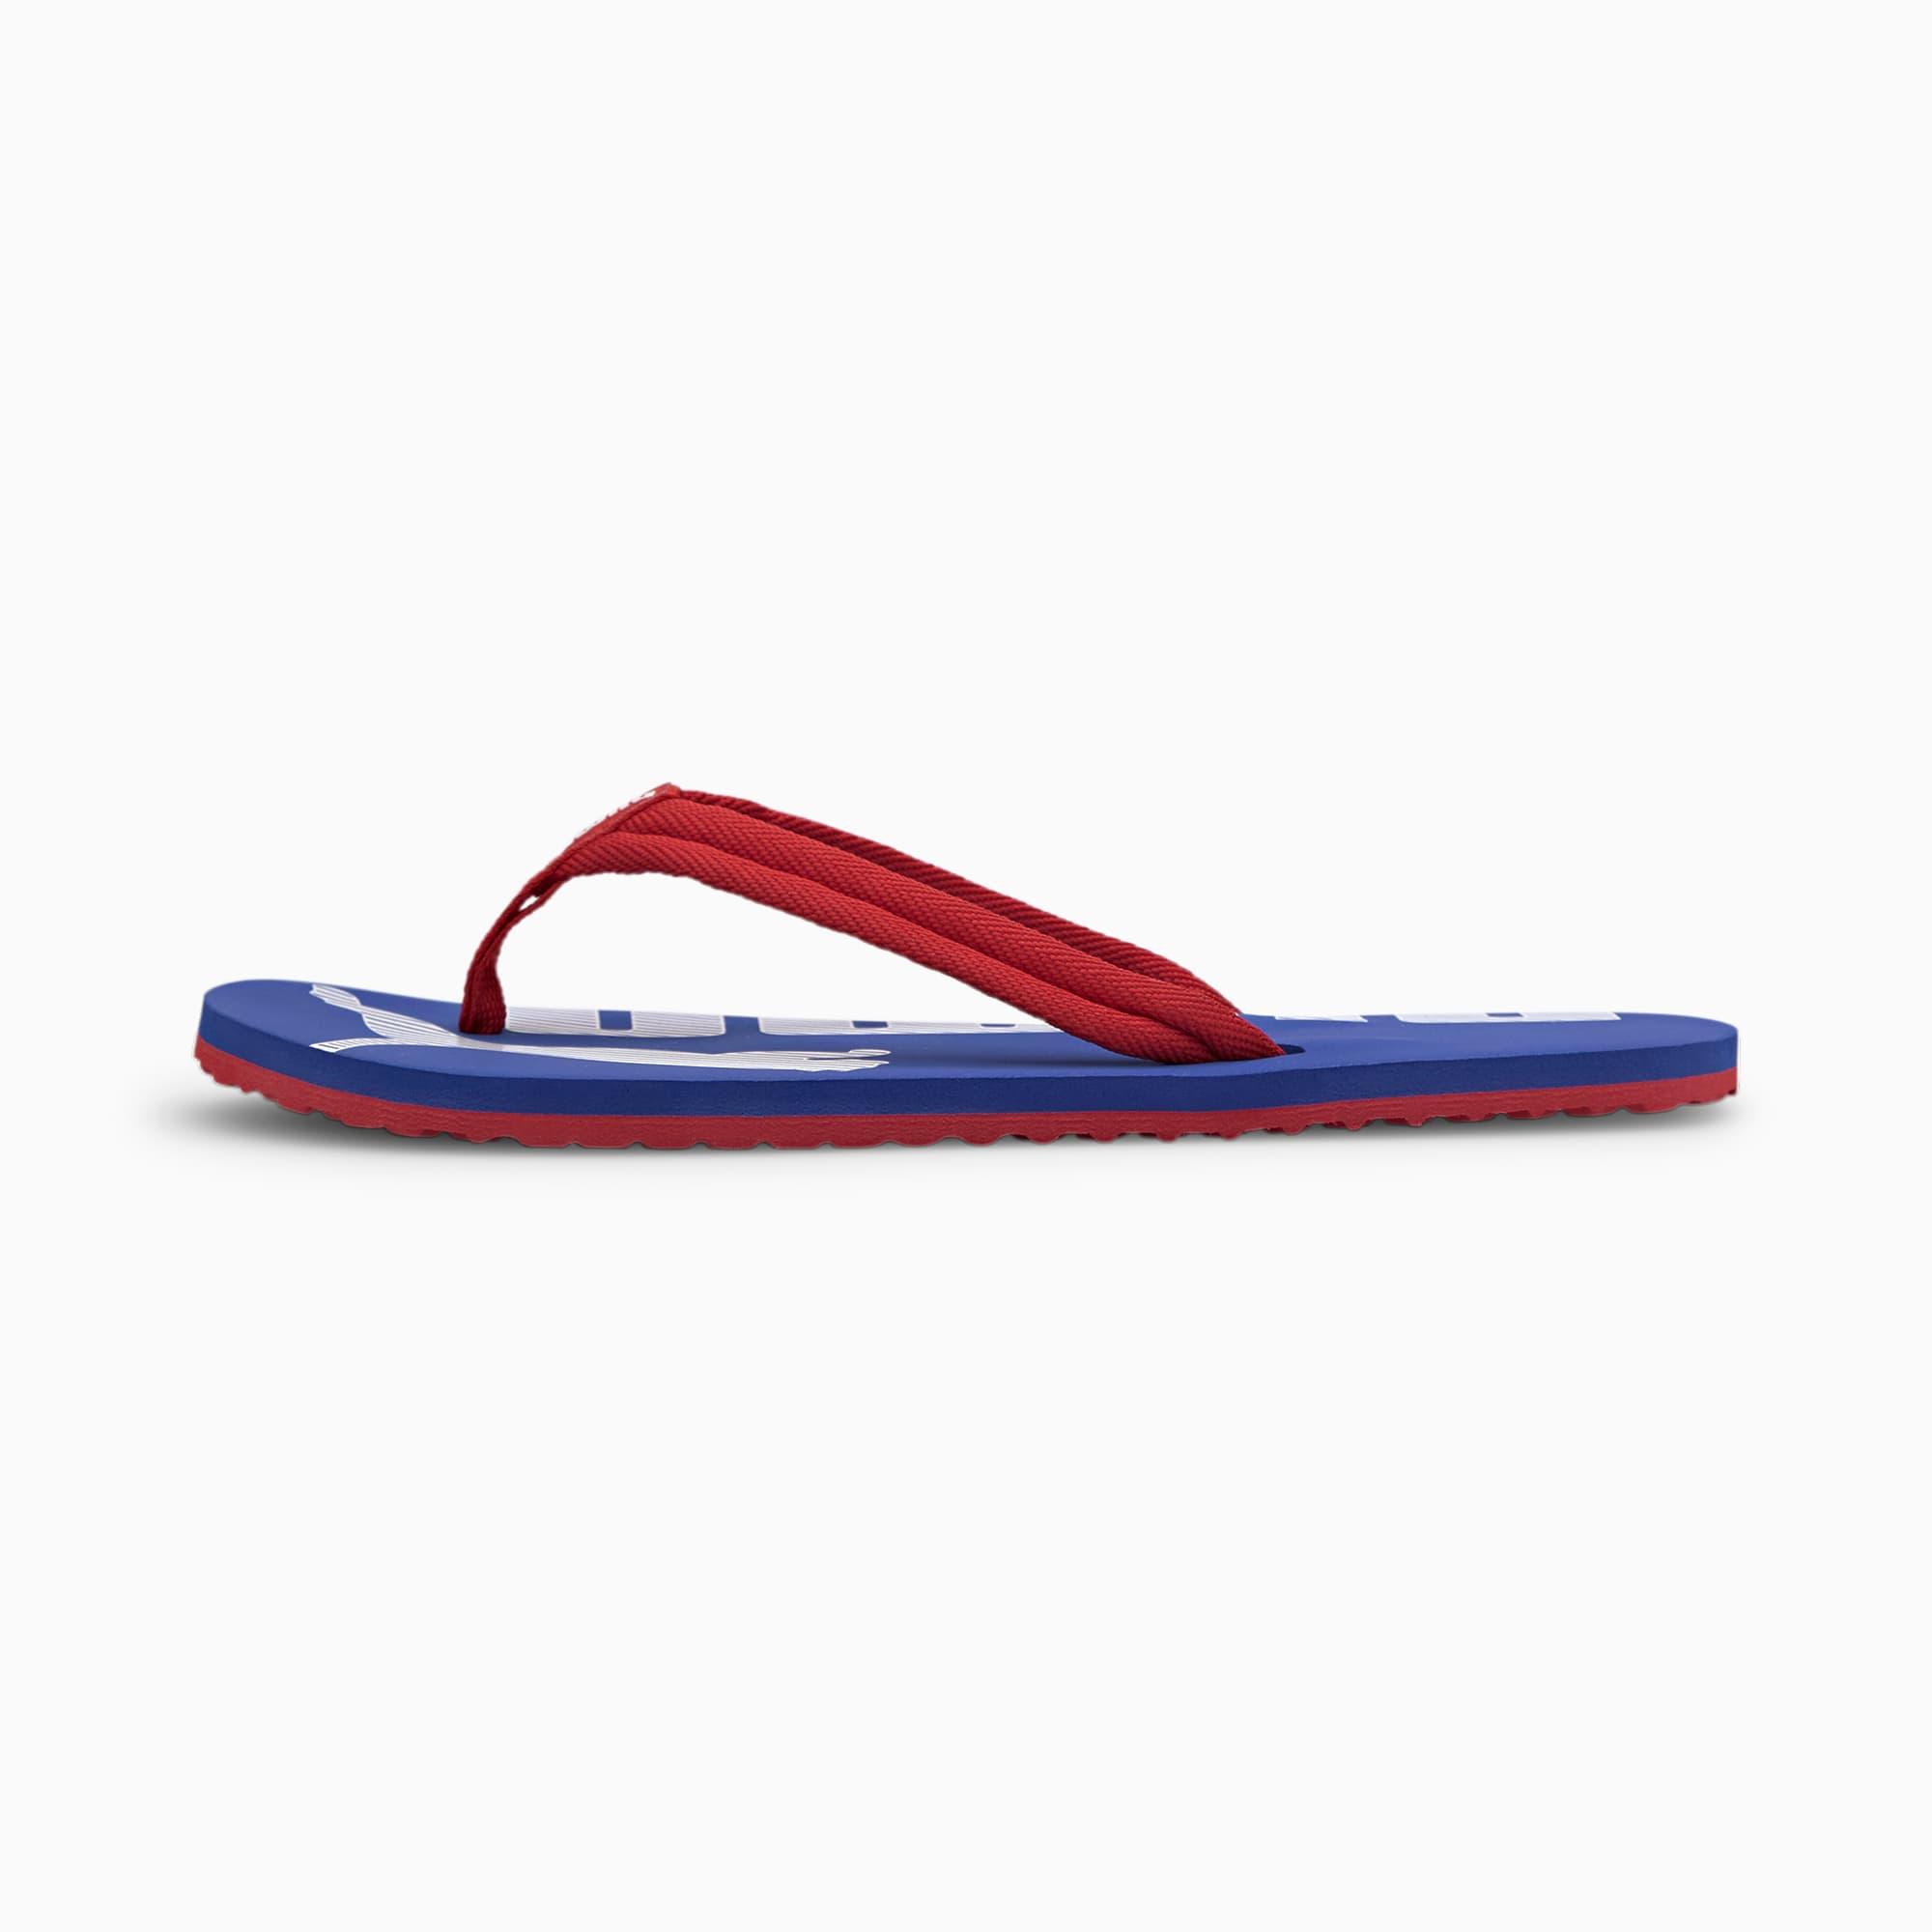 puma -  Epic Flip v2 Sandalen   Mit Aucun   Rot/Blau   Größe: 40.5